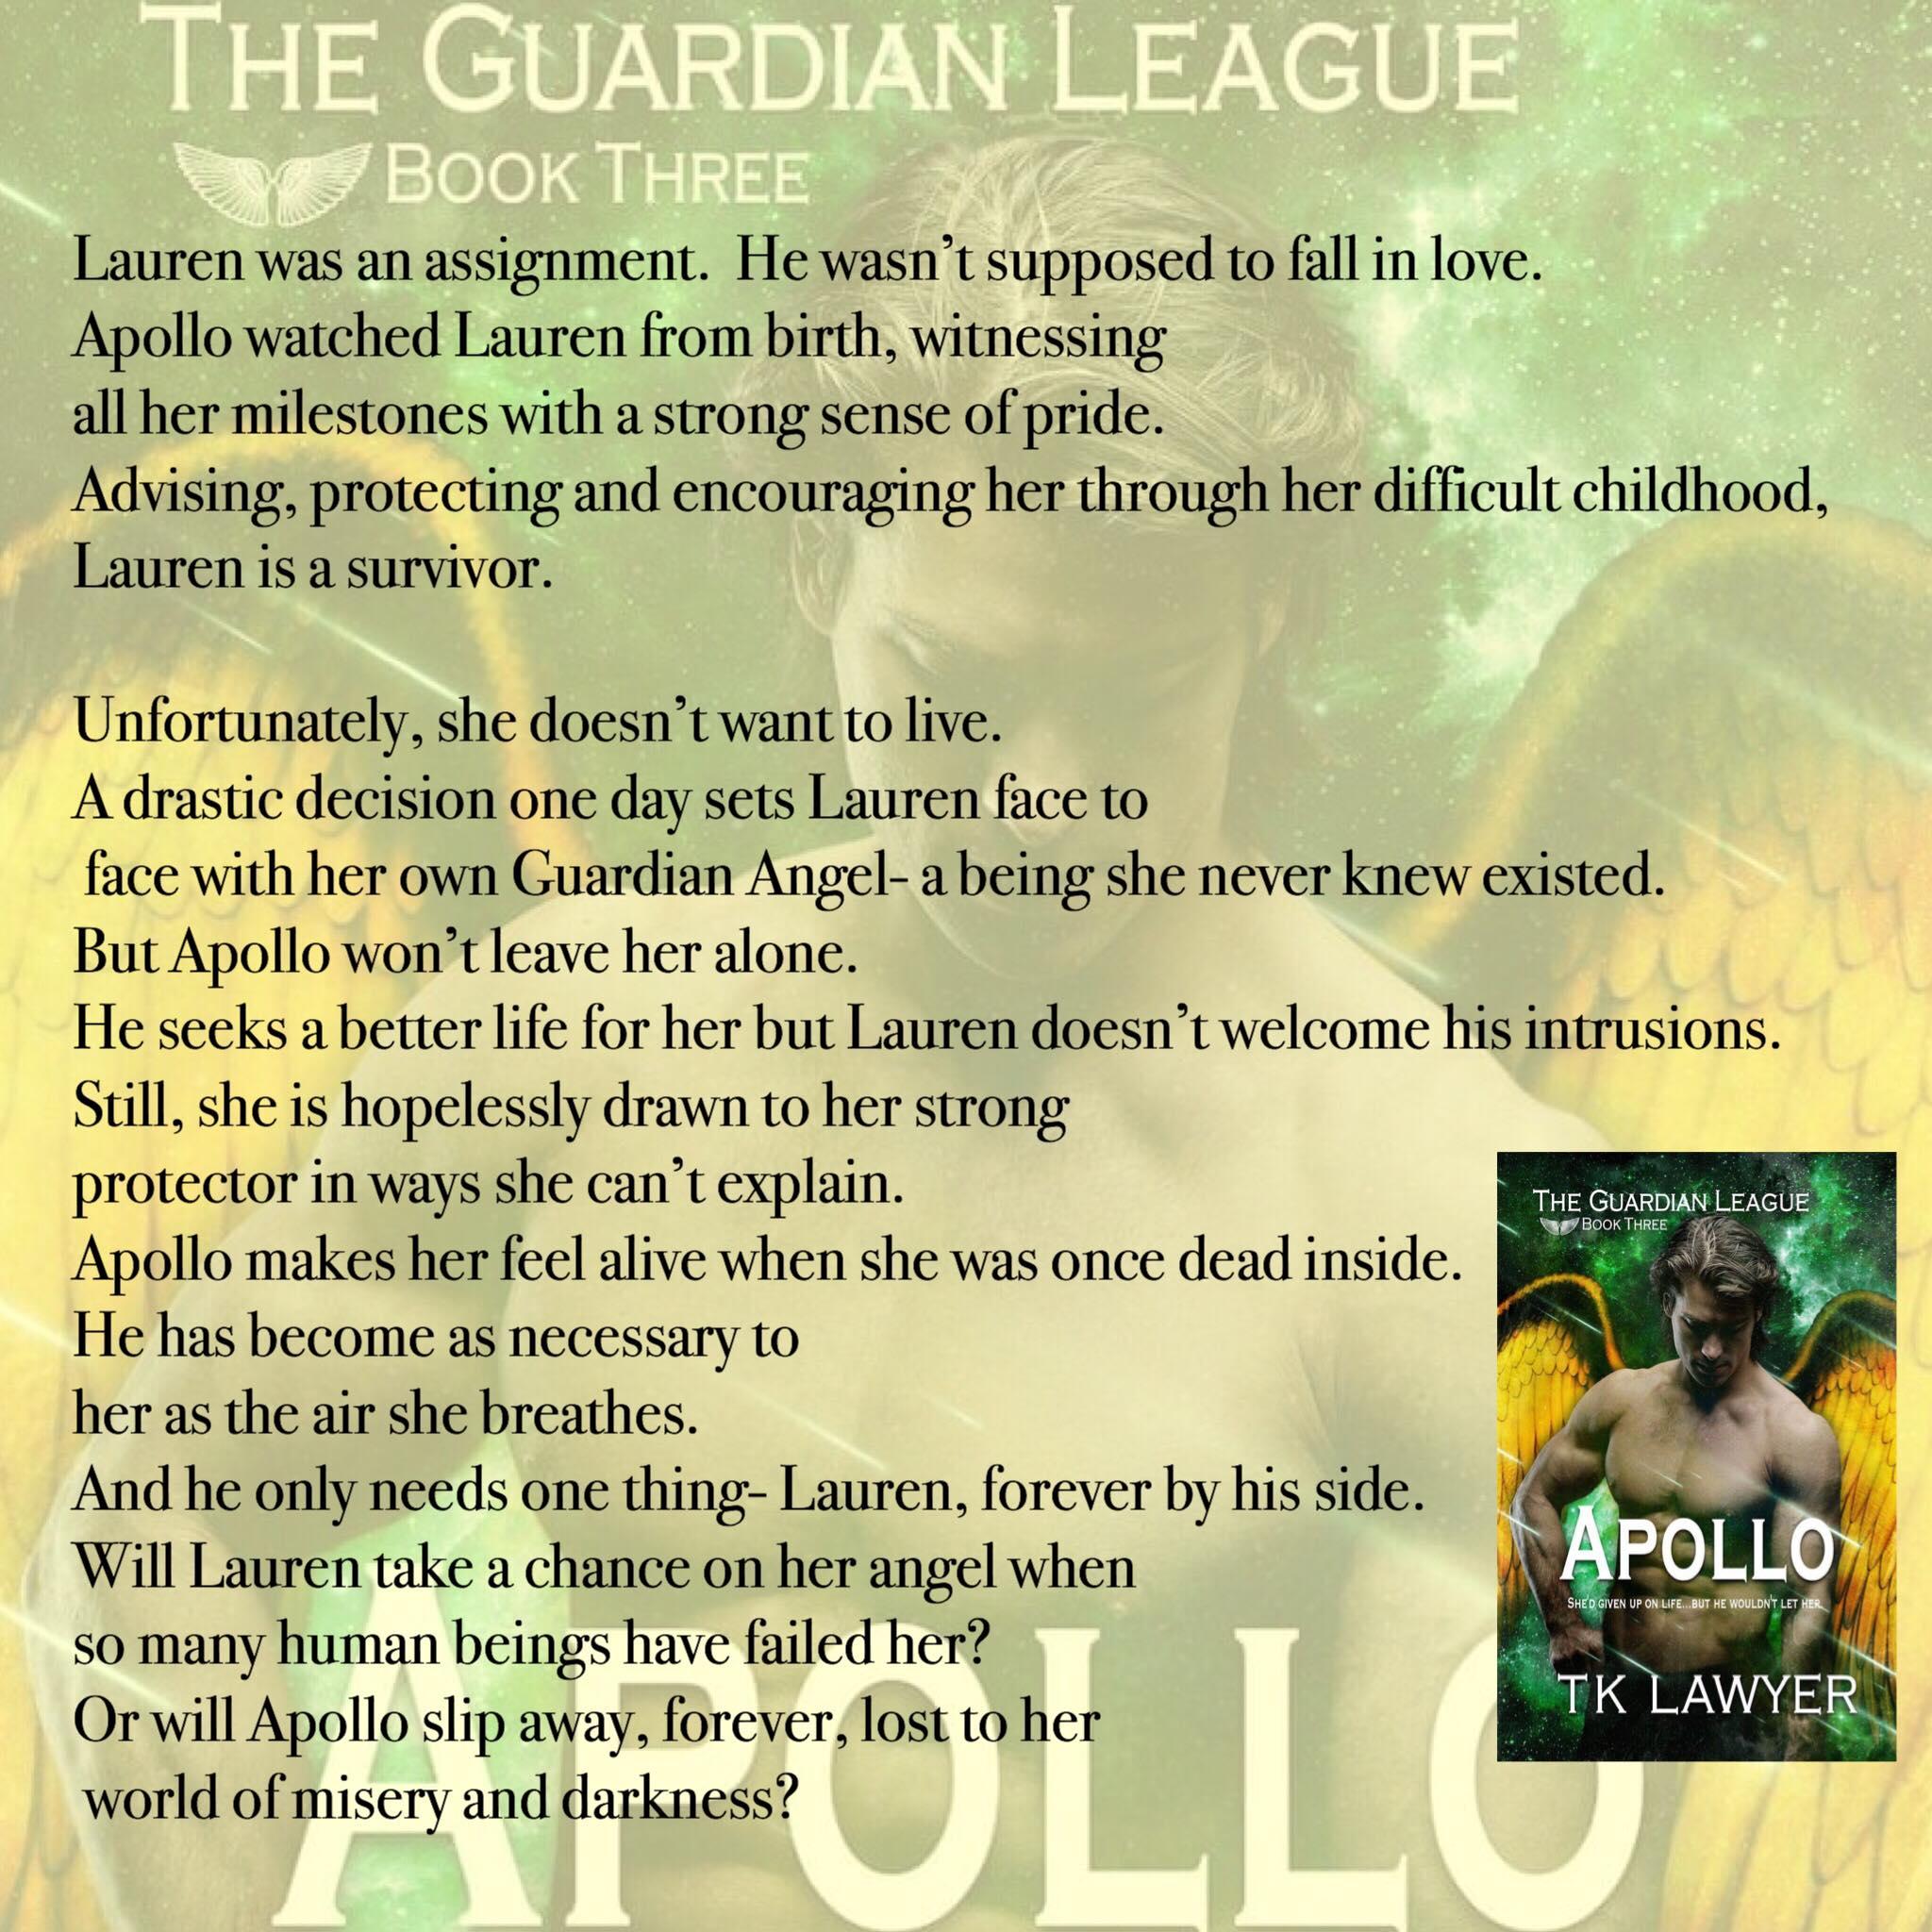 Apollo_NEW_book cover with blurb